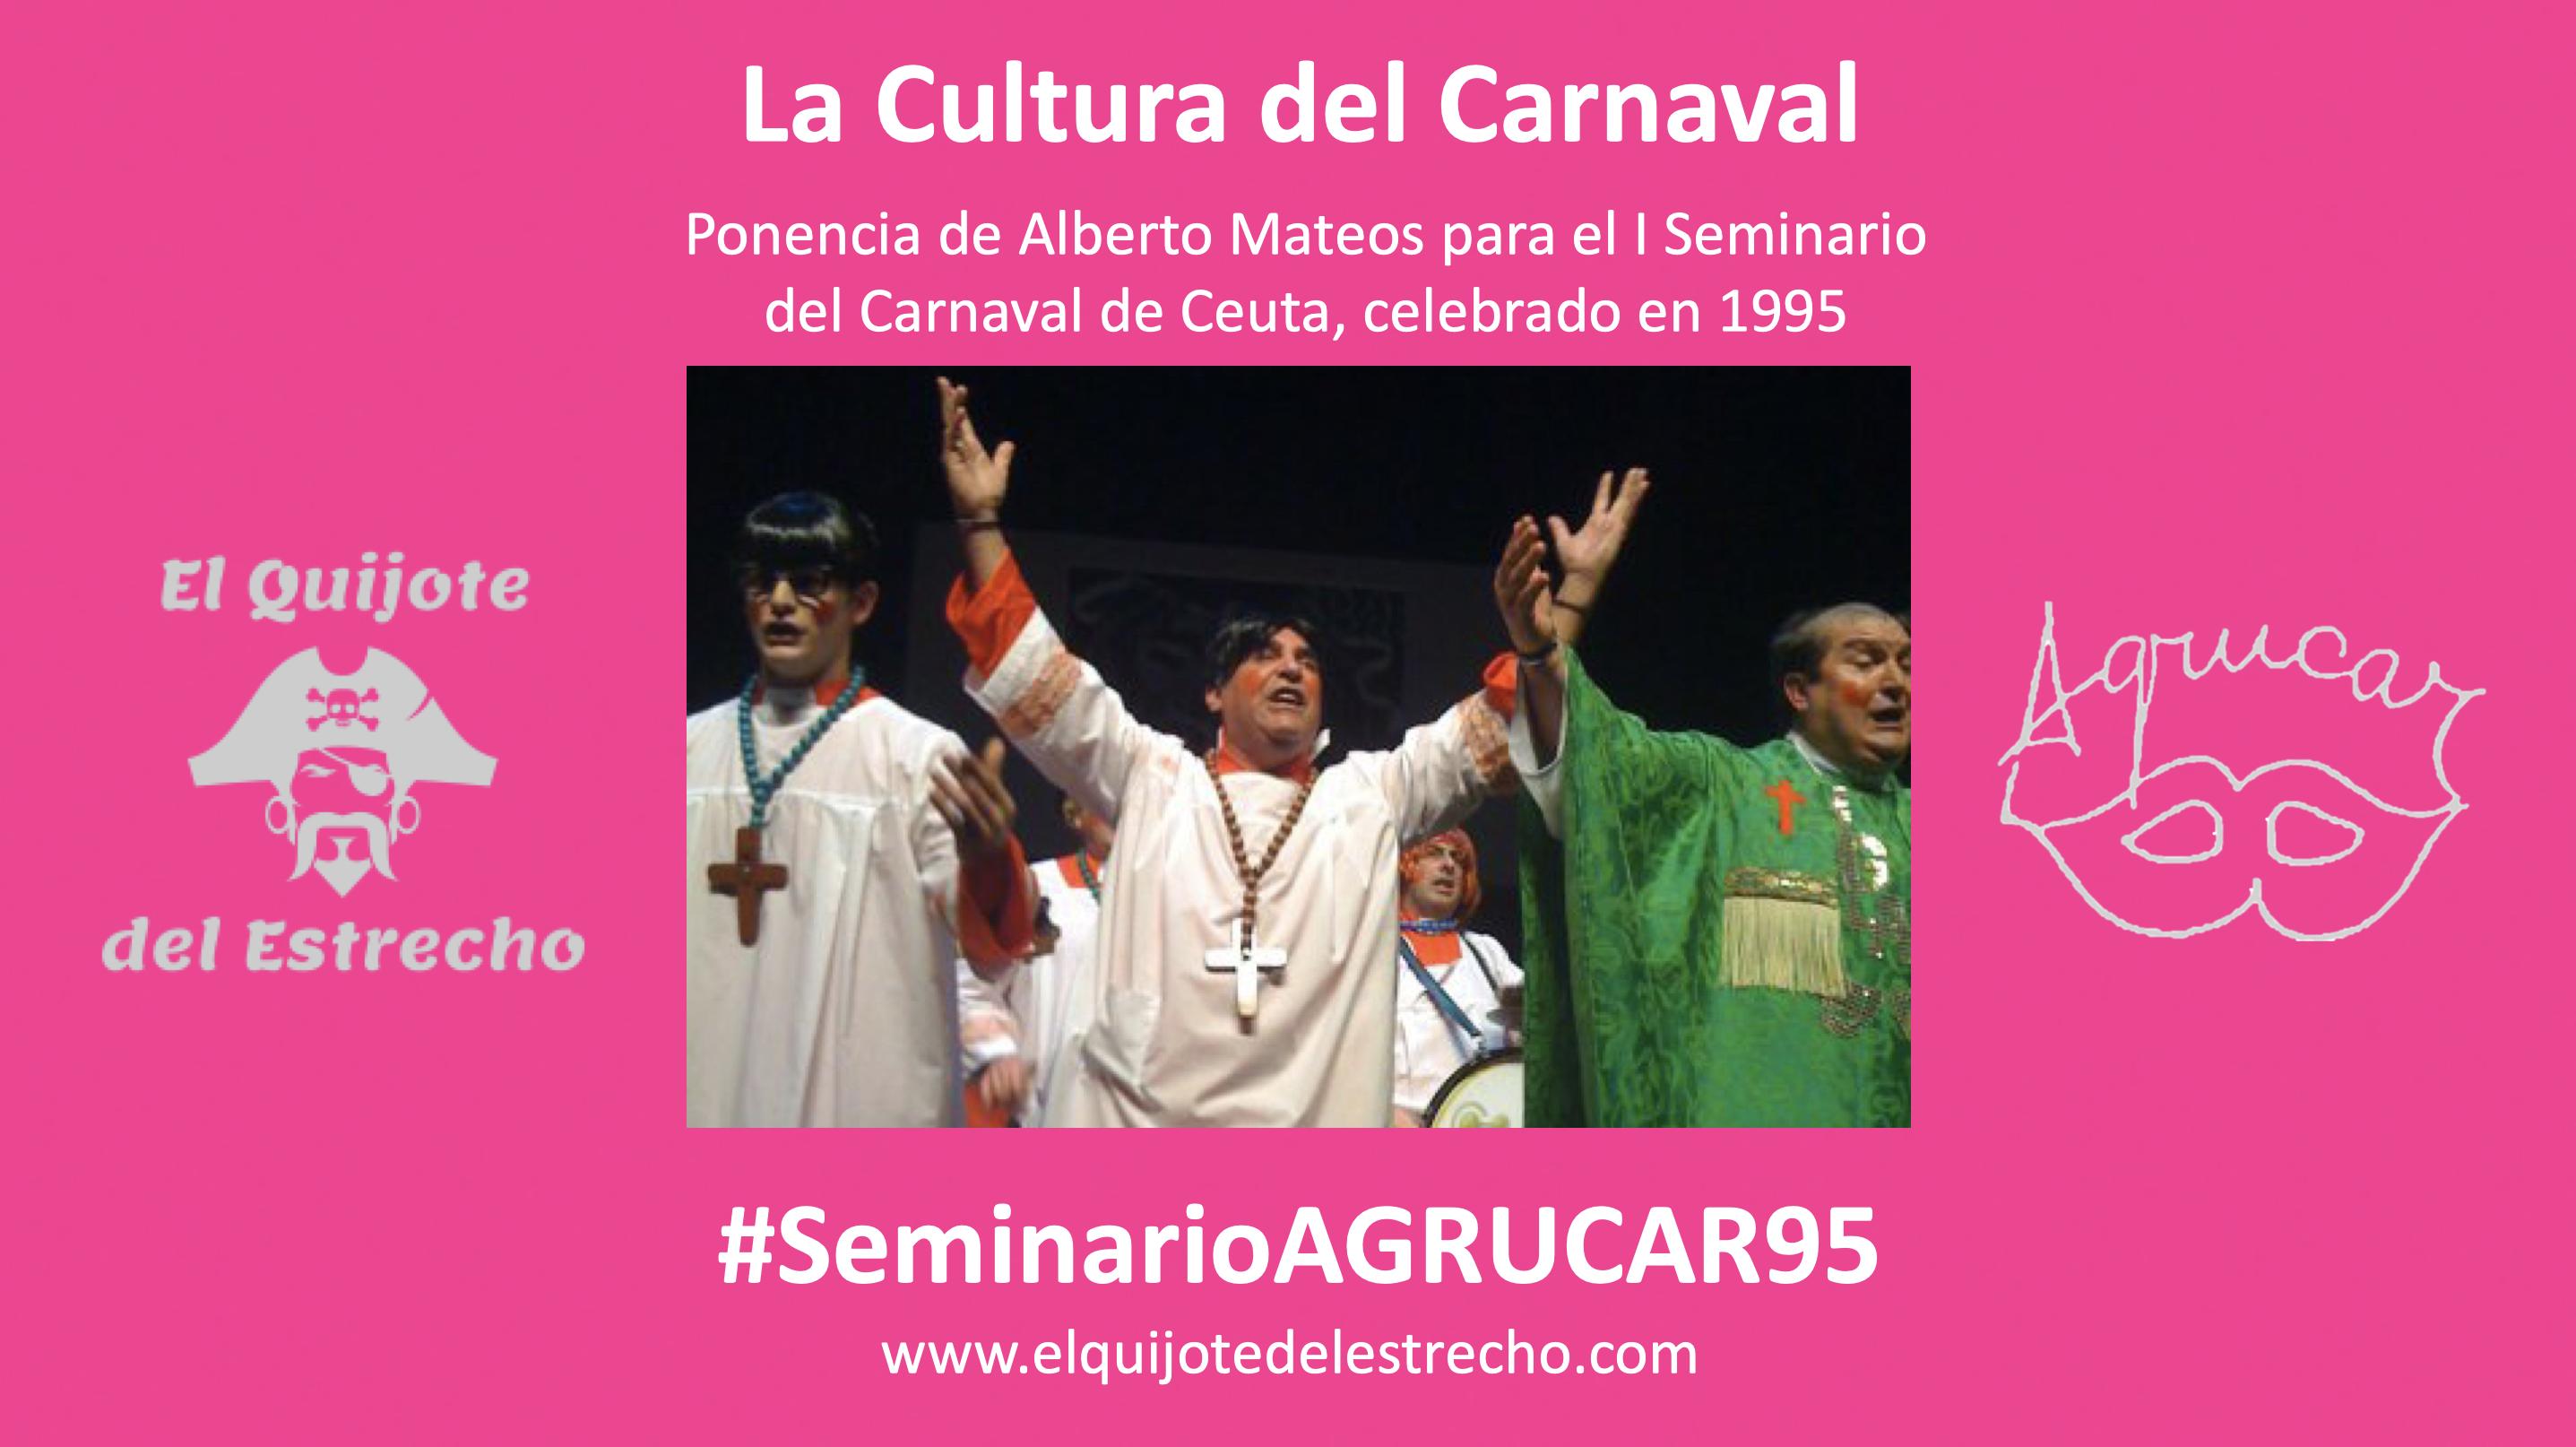 'La Cultura del Carnaval'   Ponencia de Alberto Mateos para el Seminario del 95